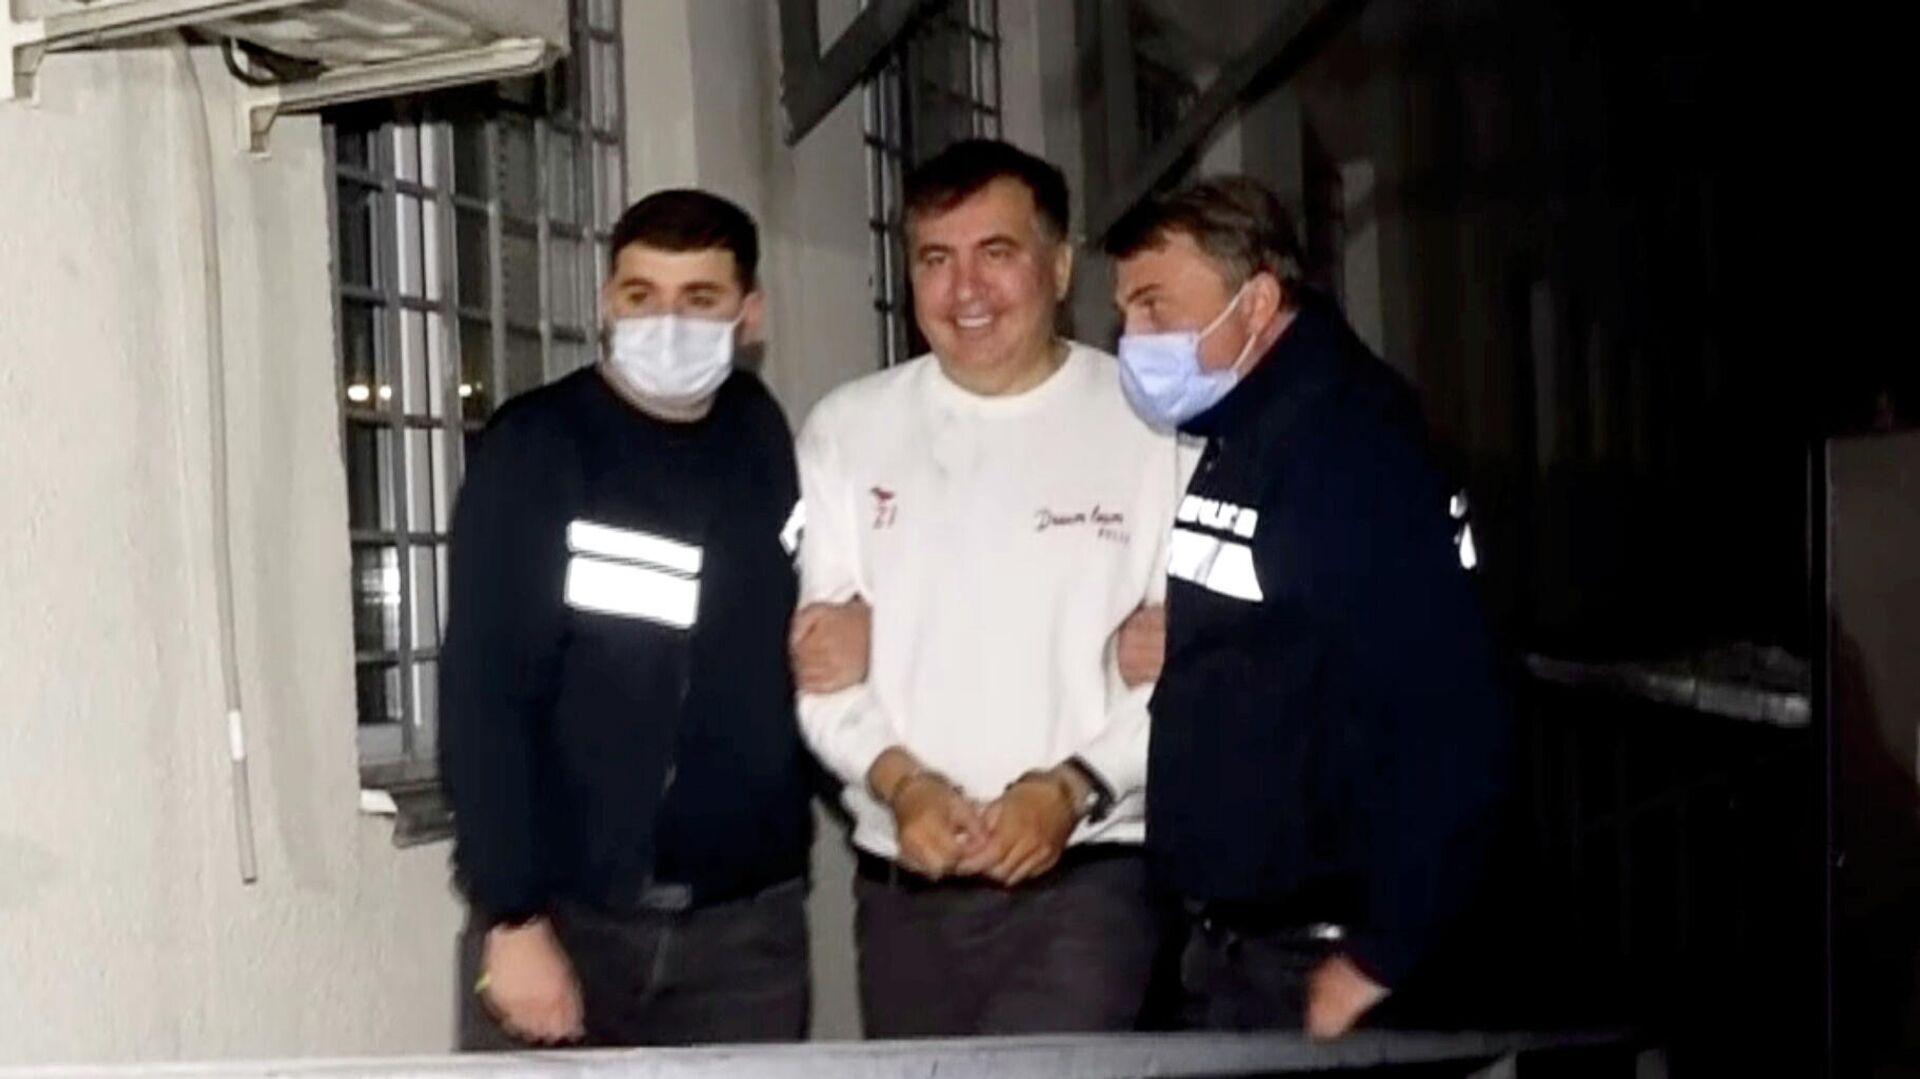 Georgiens ehemaliger Präsident Saakaschwili wird von Polizisten begleitet - SNA, 1920, 02.10.2021